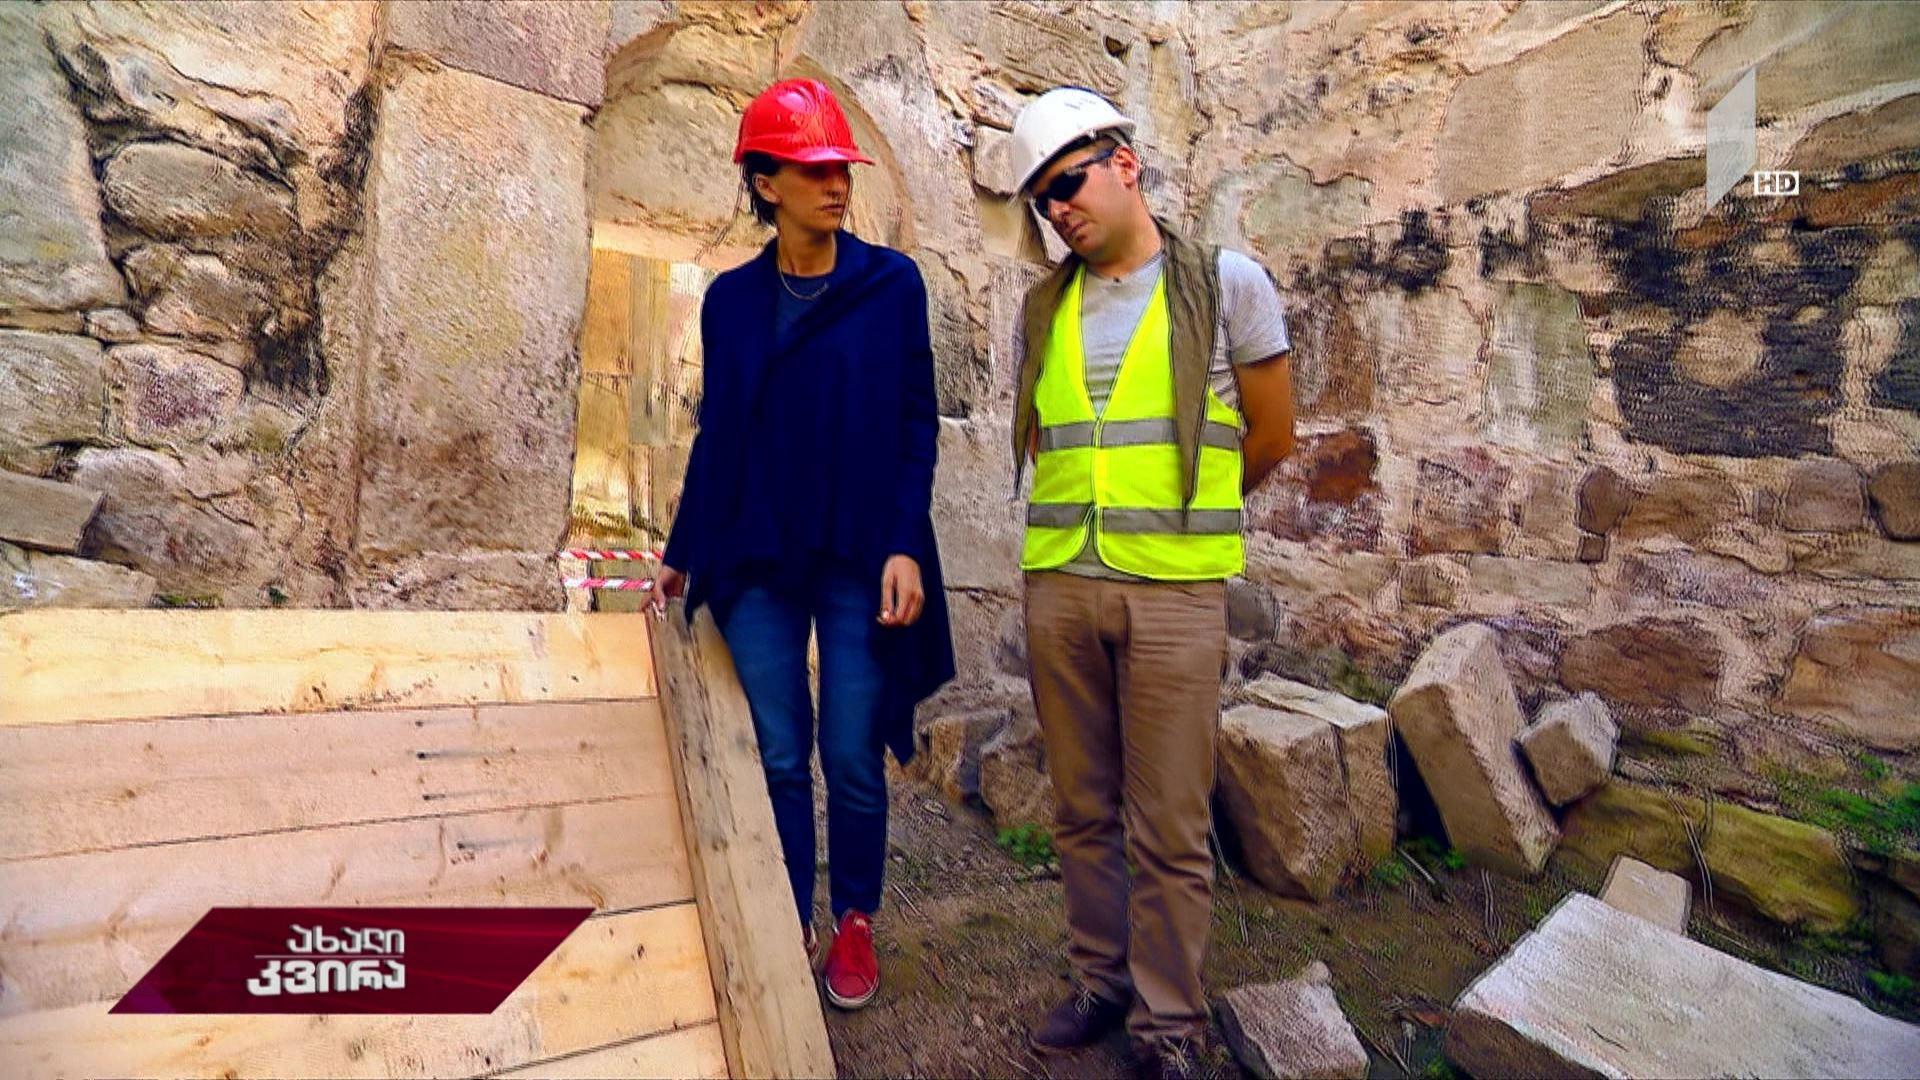 ახალი არქეოლოგიური აღმოჩენა